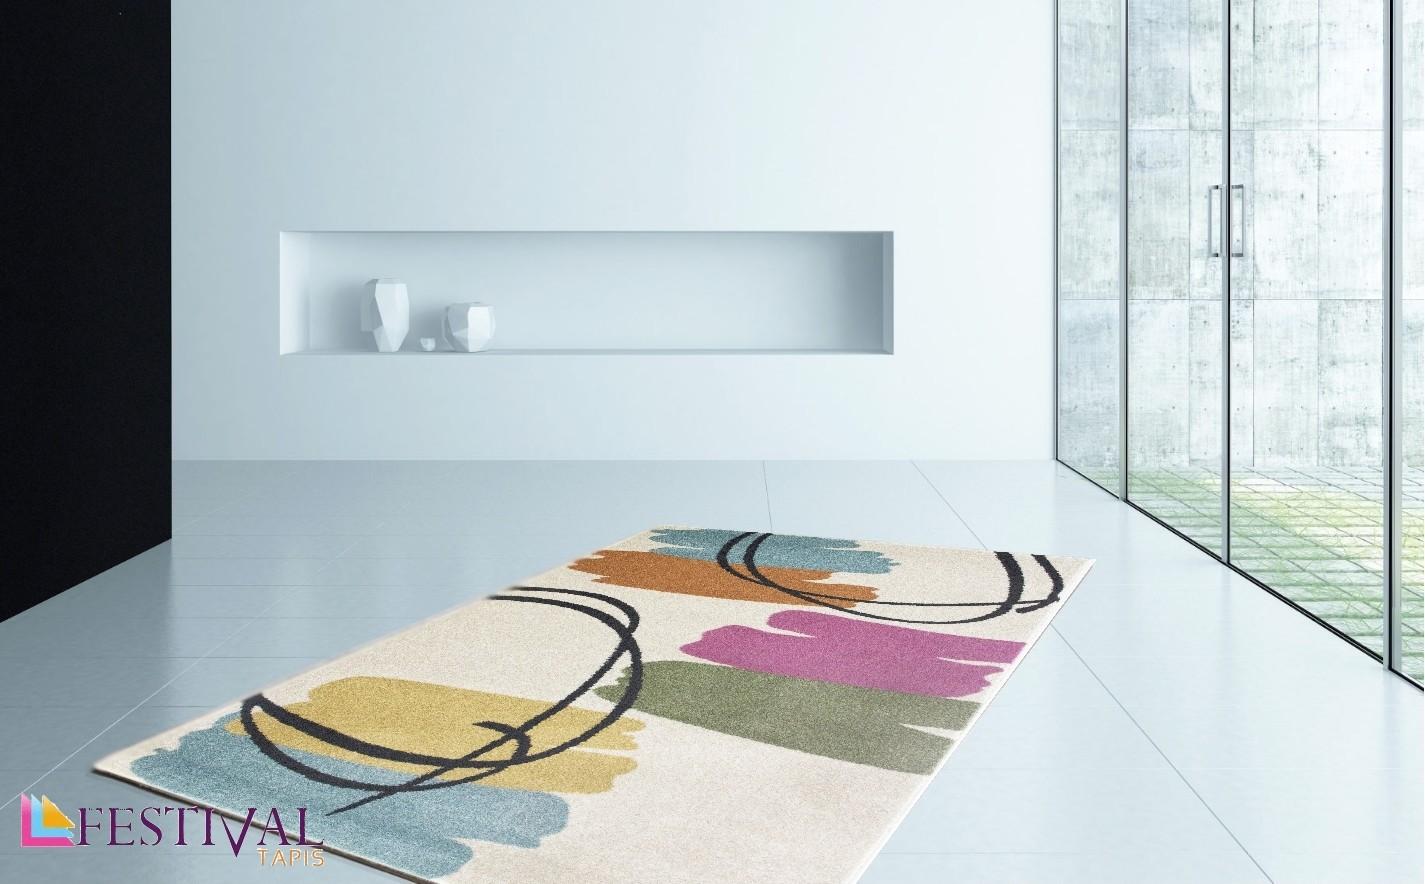 tapis designer tiss plat d coratif 100 polypropylene broth 2. Black Bedroom Furniture Sets. Home Design Ideas